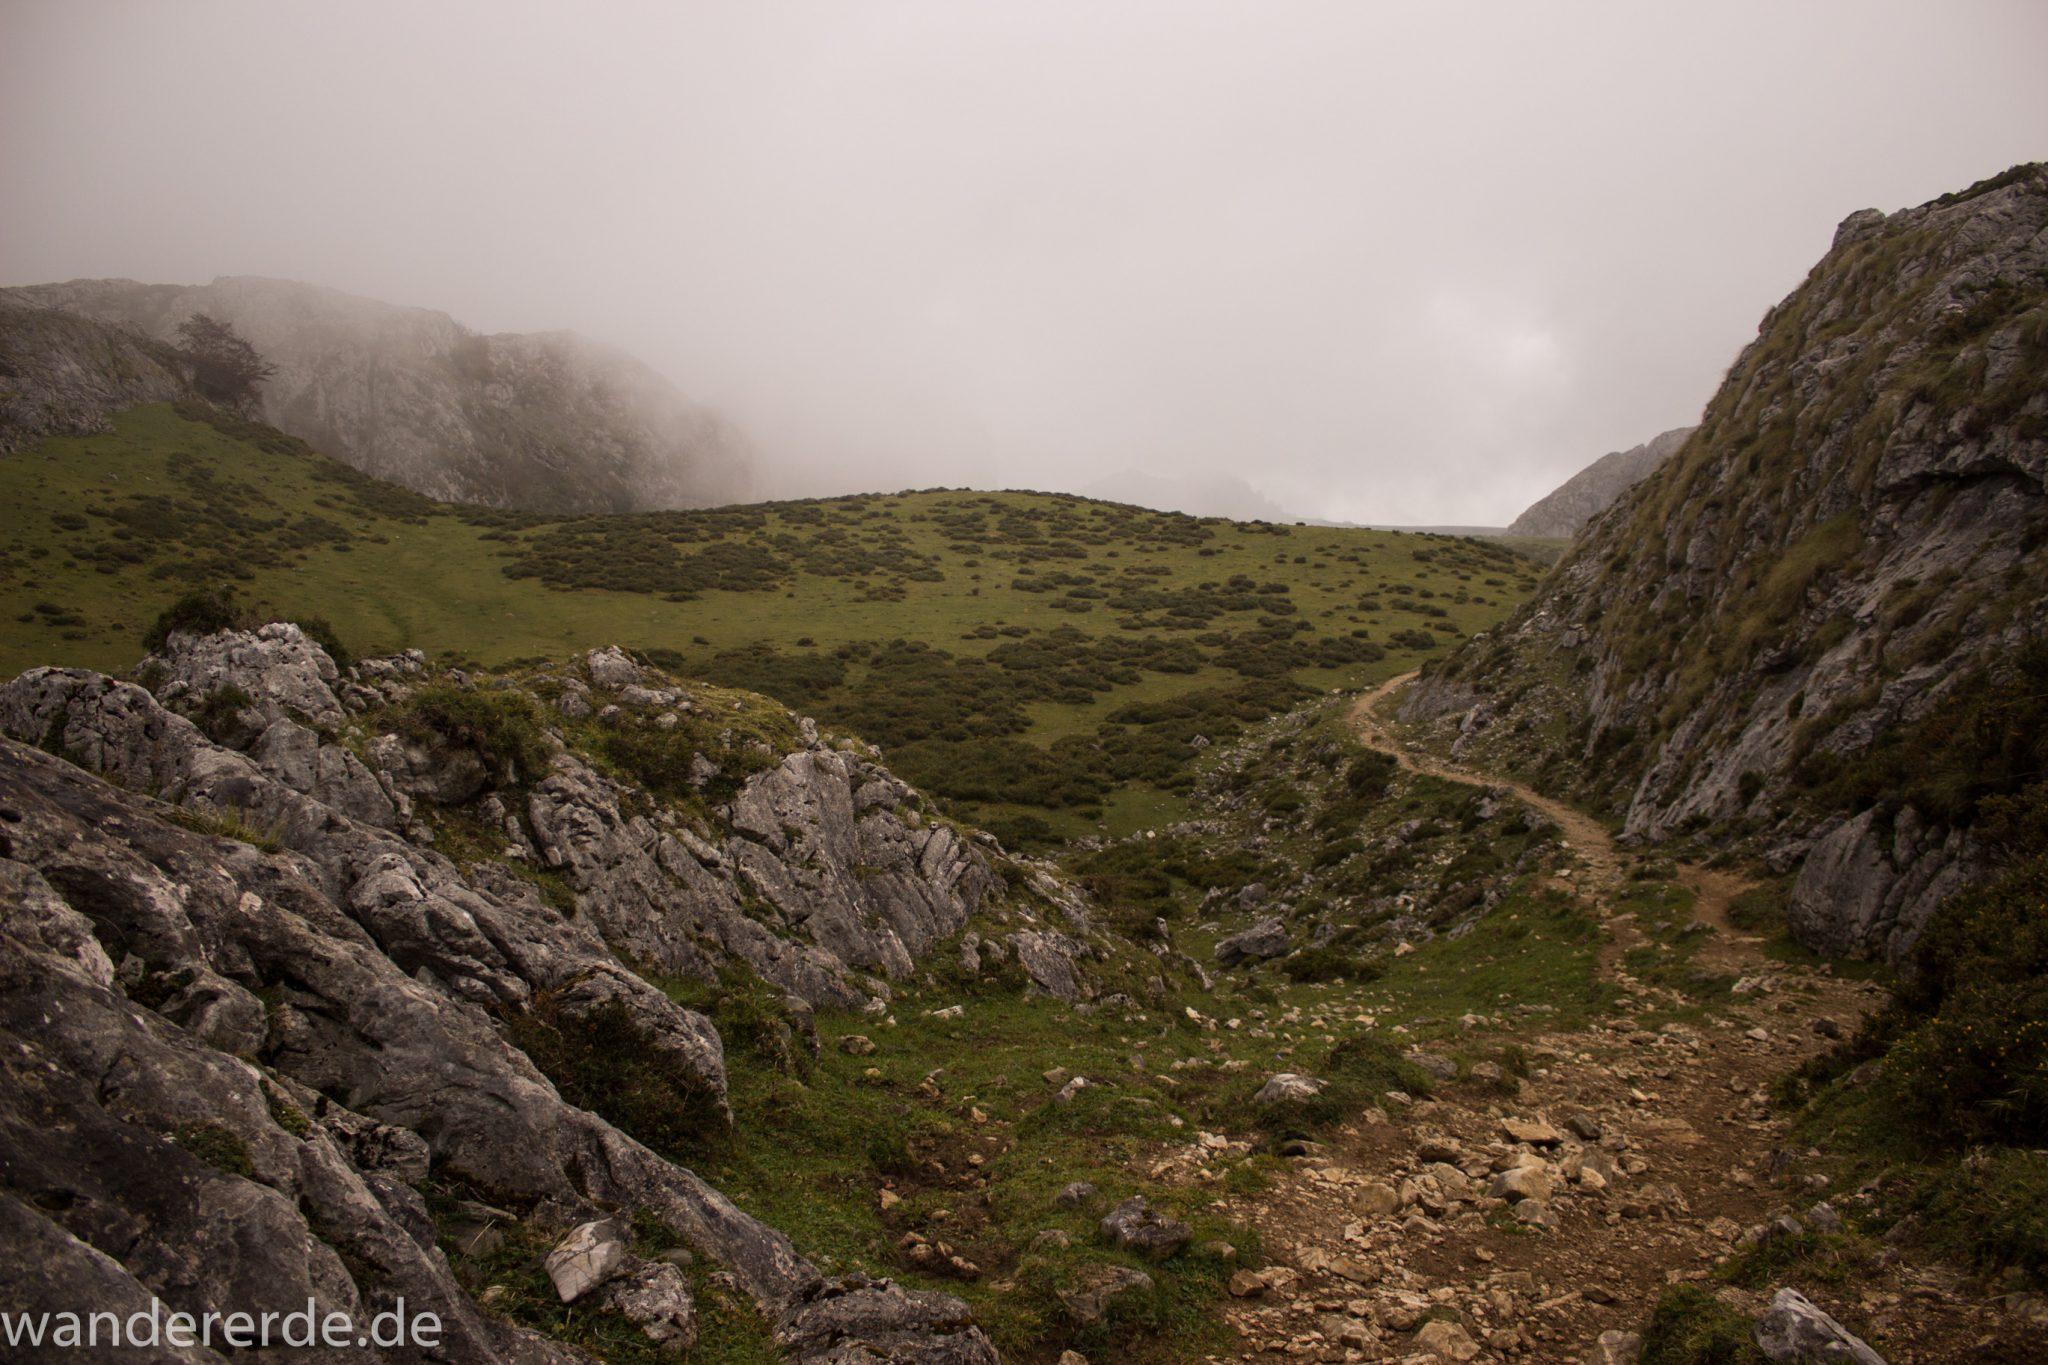 Wanderung Vega de Ario Picos de Europa Spanien, dichte Wolken, Bergregion in Nordspanien, Wandern, zerklüftete Felsen, Steine, schmaler Wanderpfad, atmosphärisch, saftig grüne Wiese